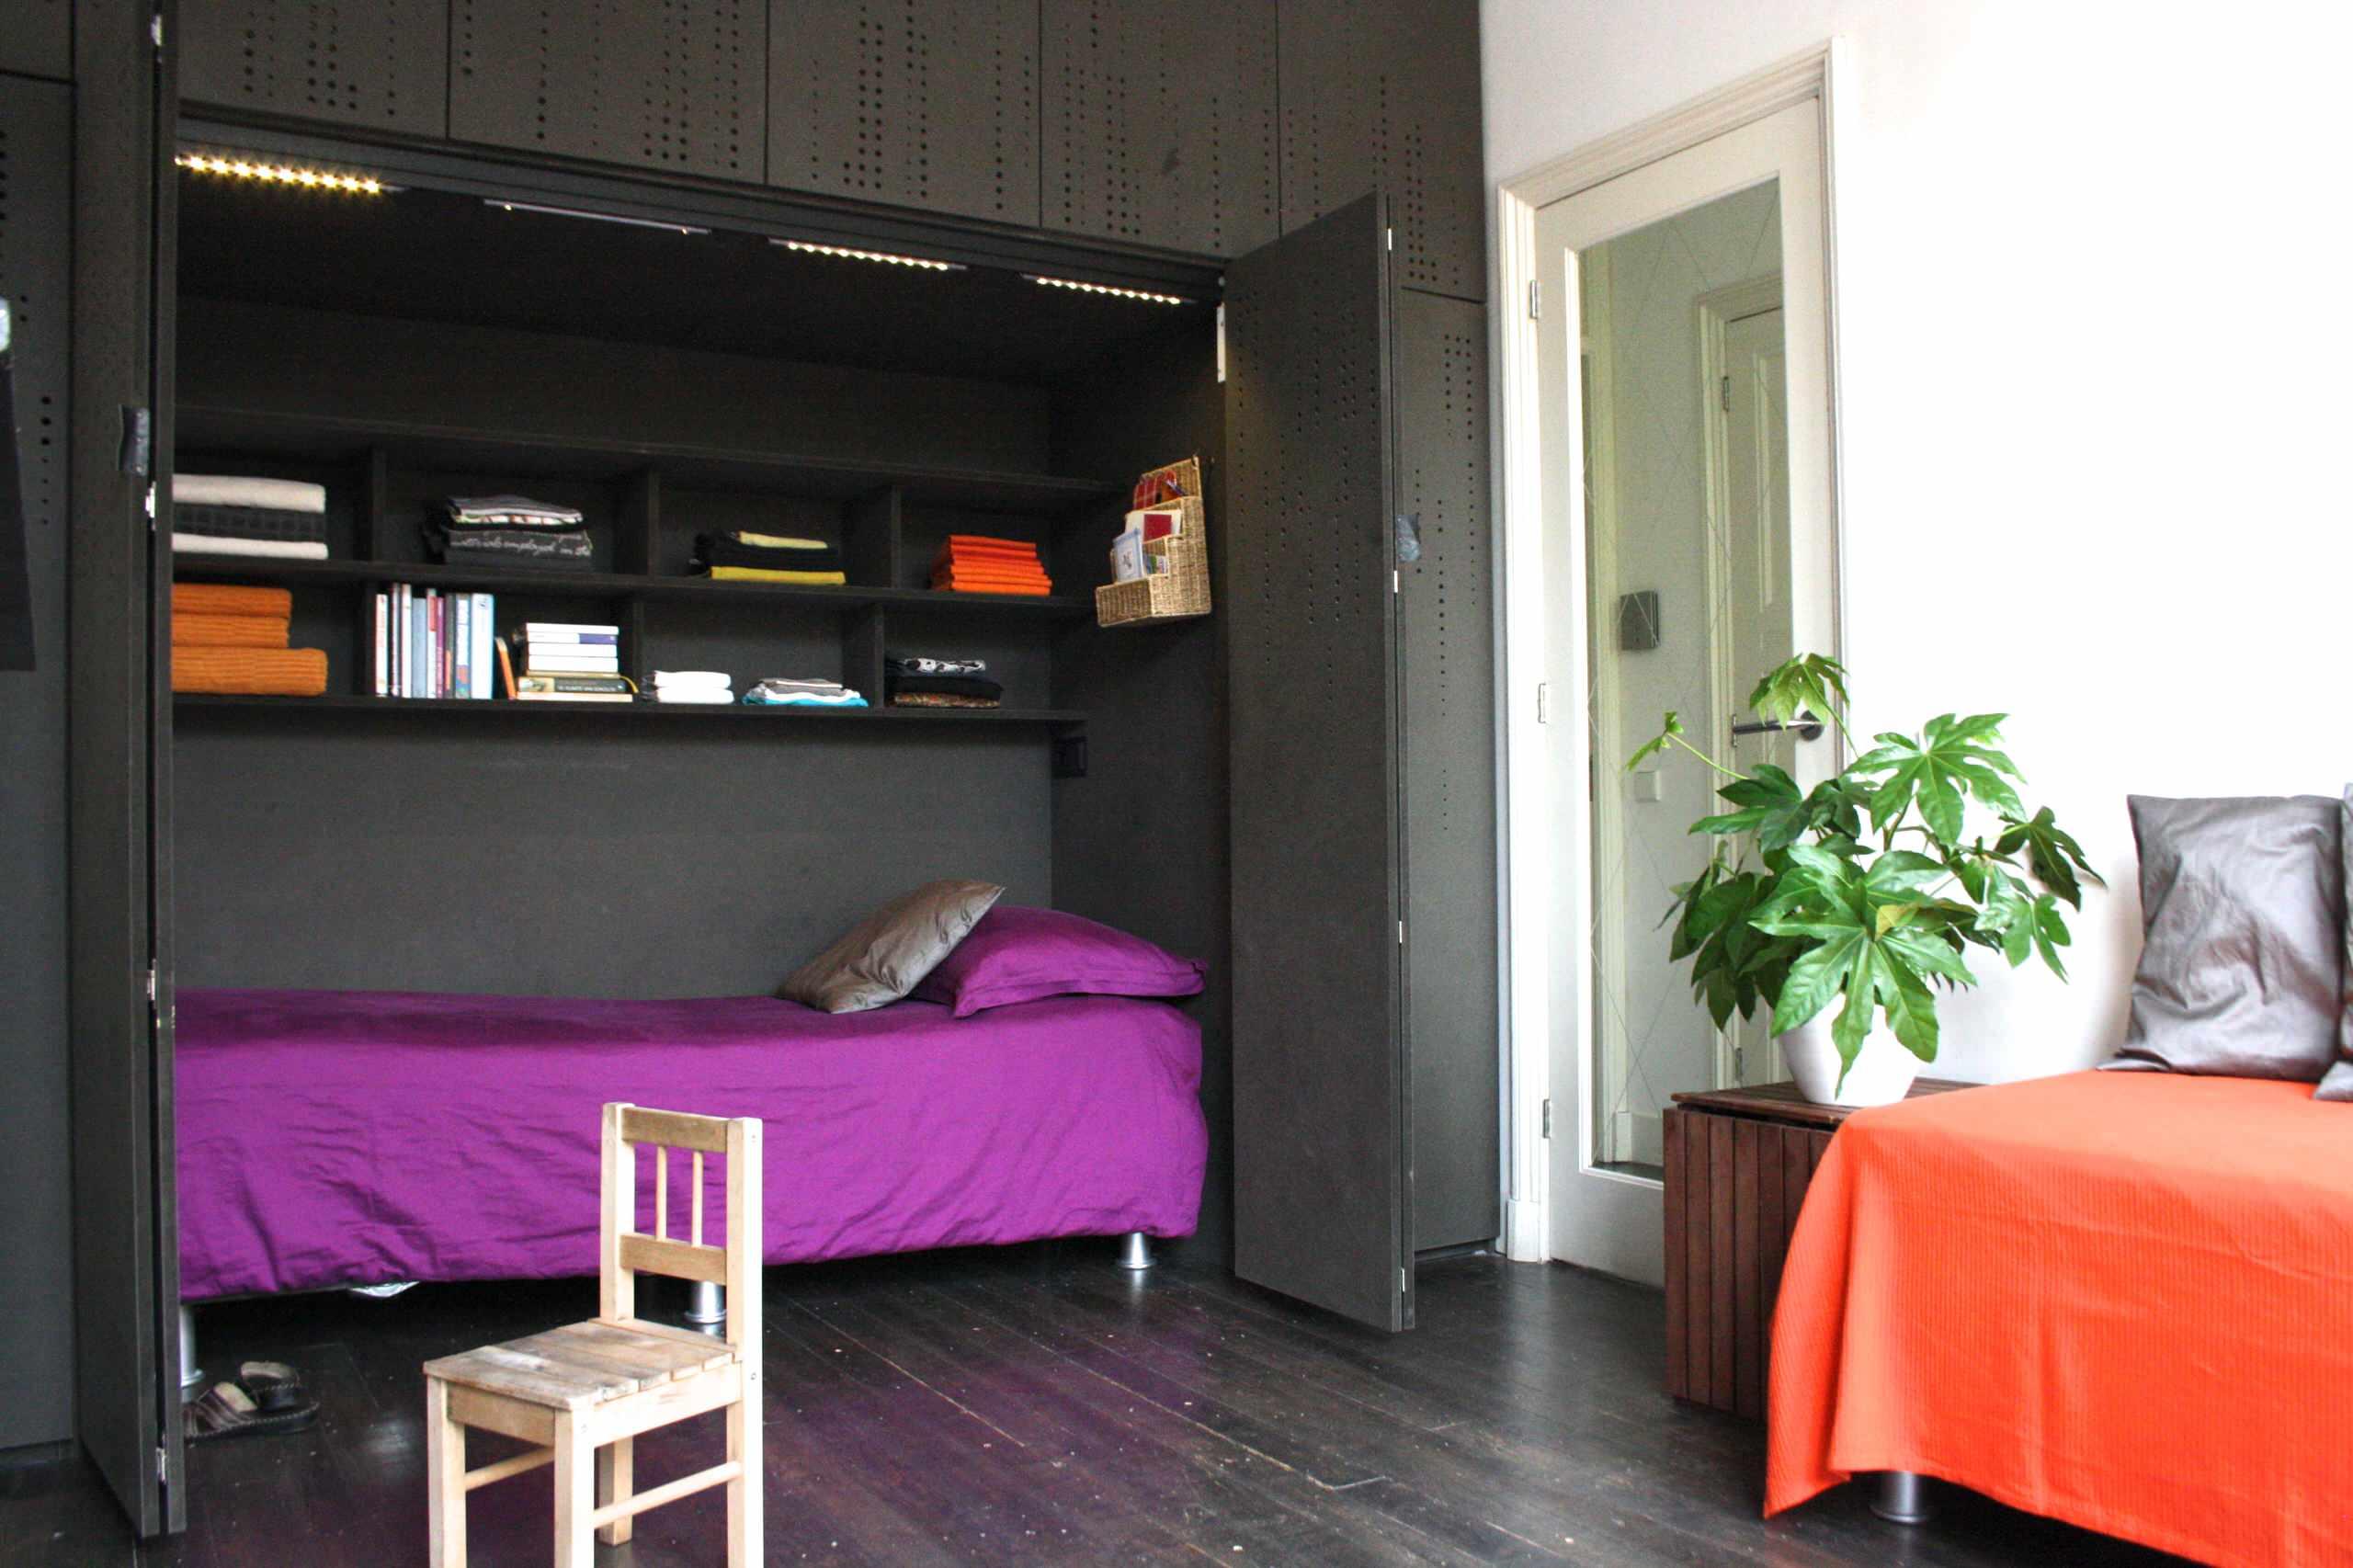 20 Increibles Ideas Para Ahorrar Espacio En Una Habitacion